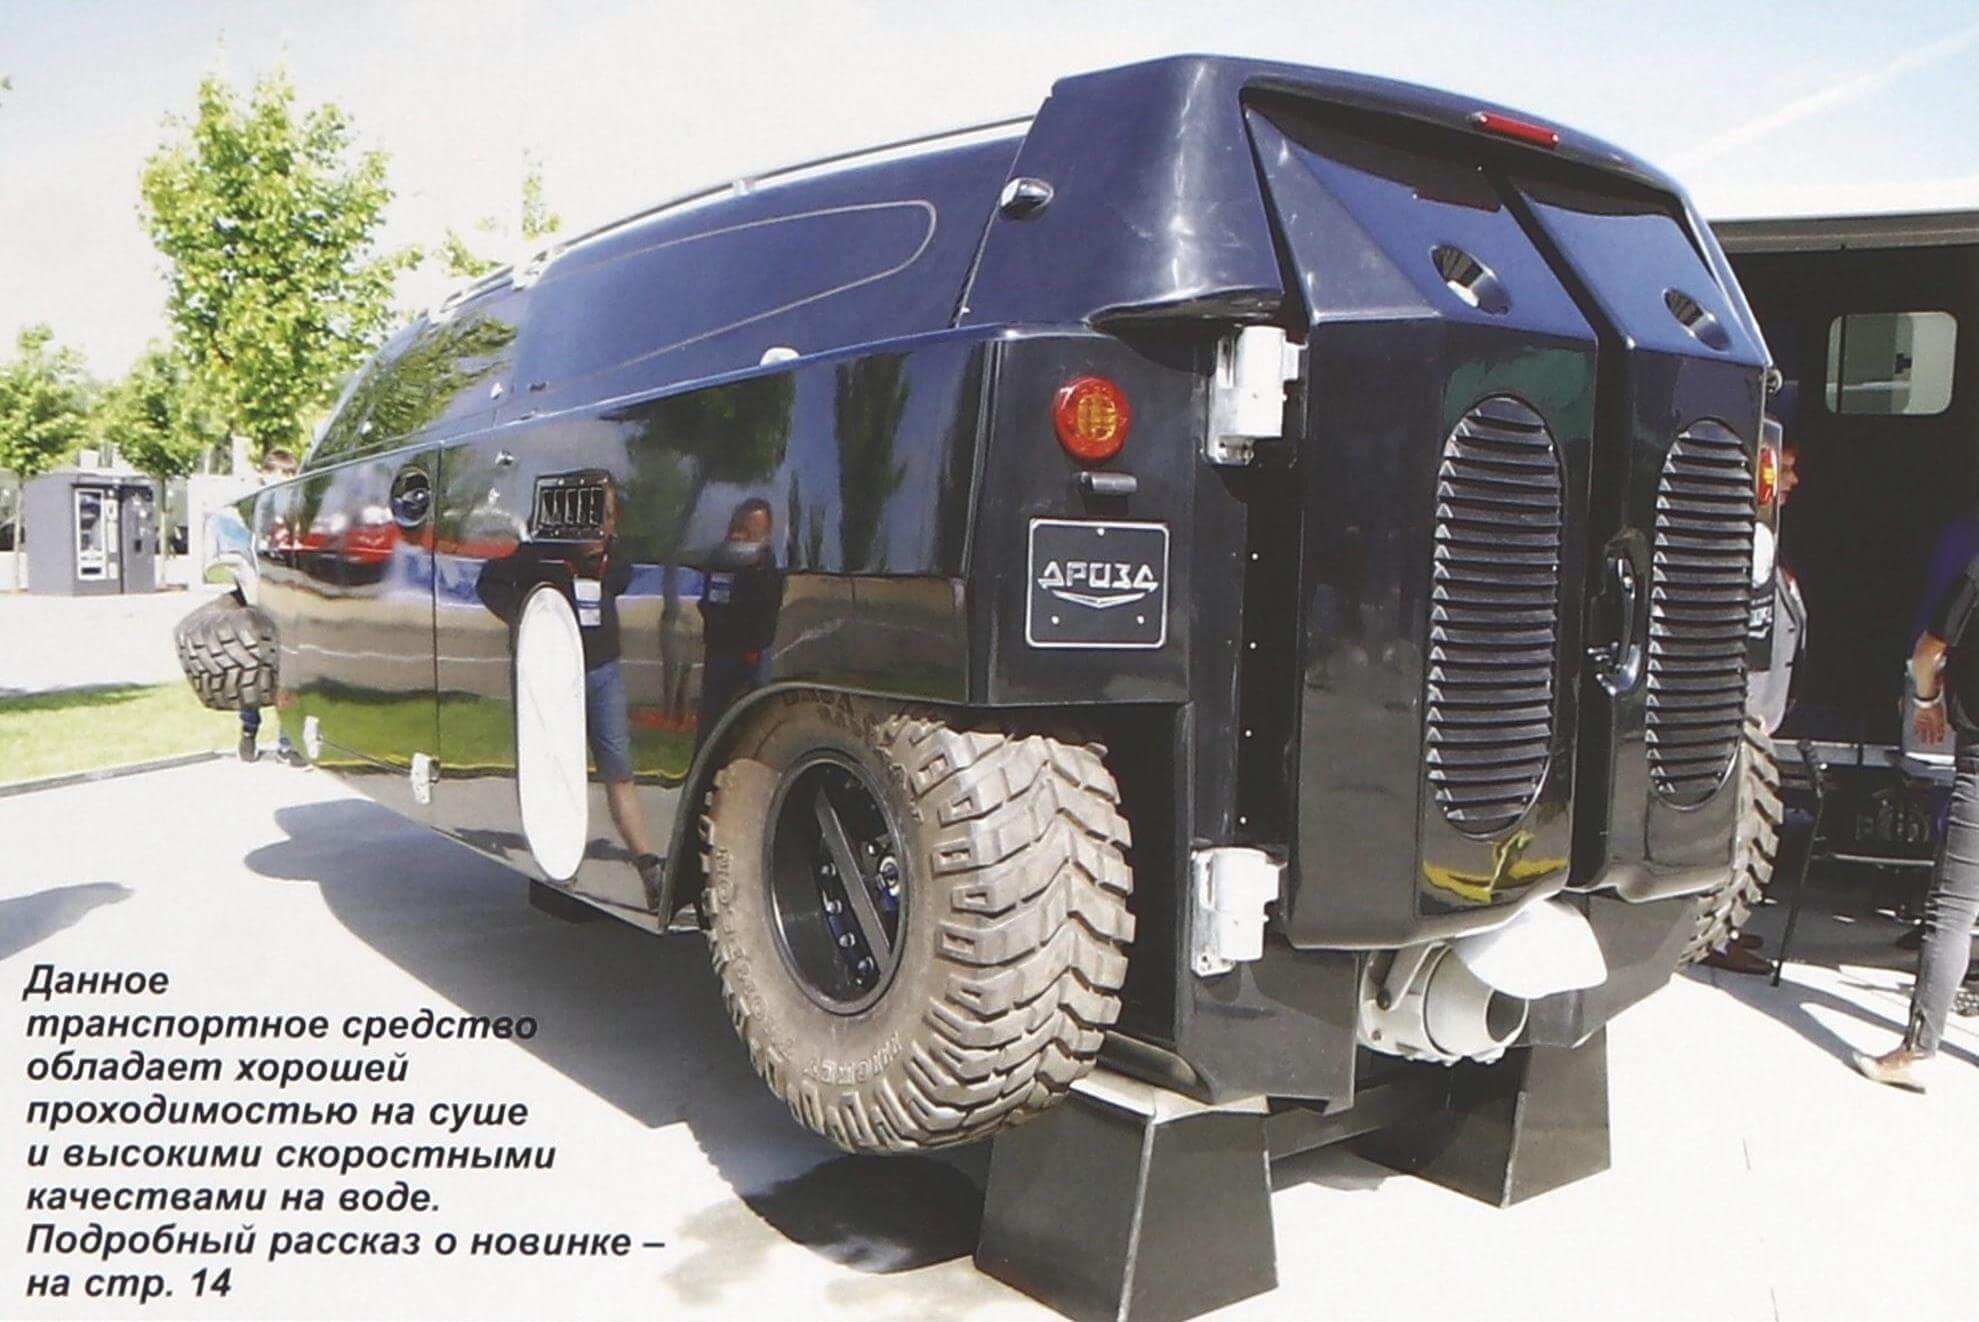 Данное транспортное средство обладает хорошей проходимостью на суше и высокими скоростными качествами на воде.